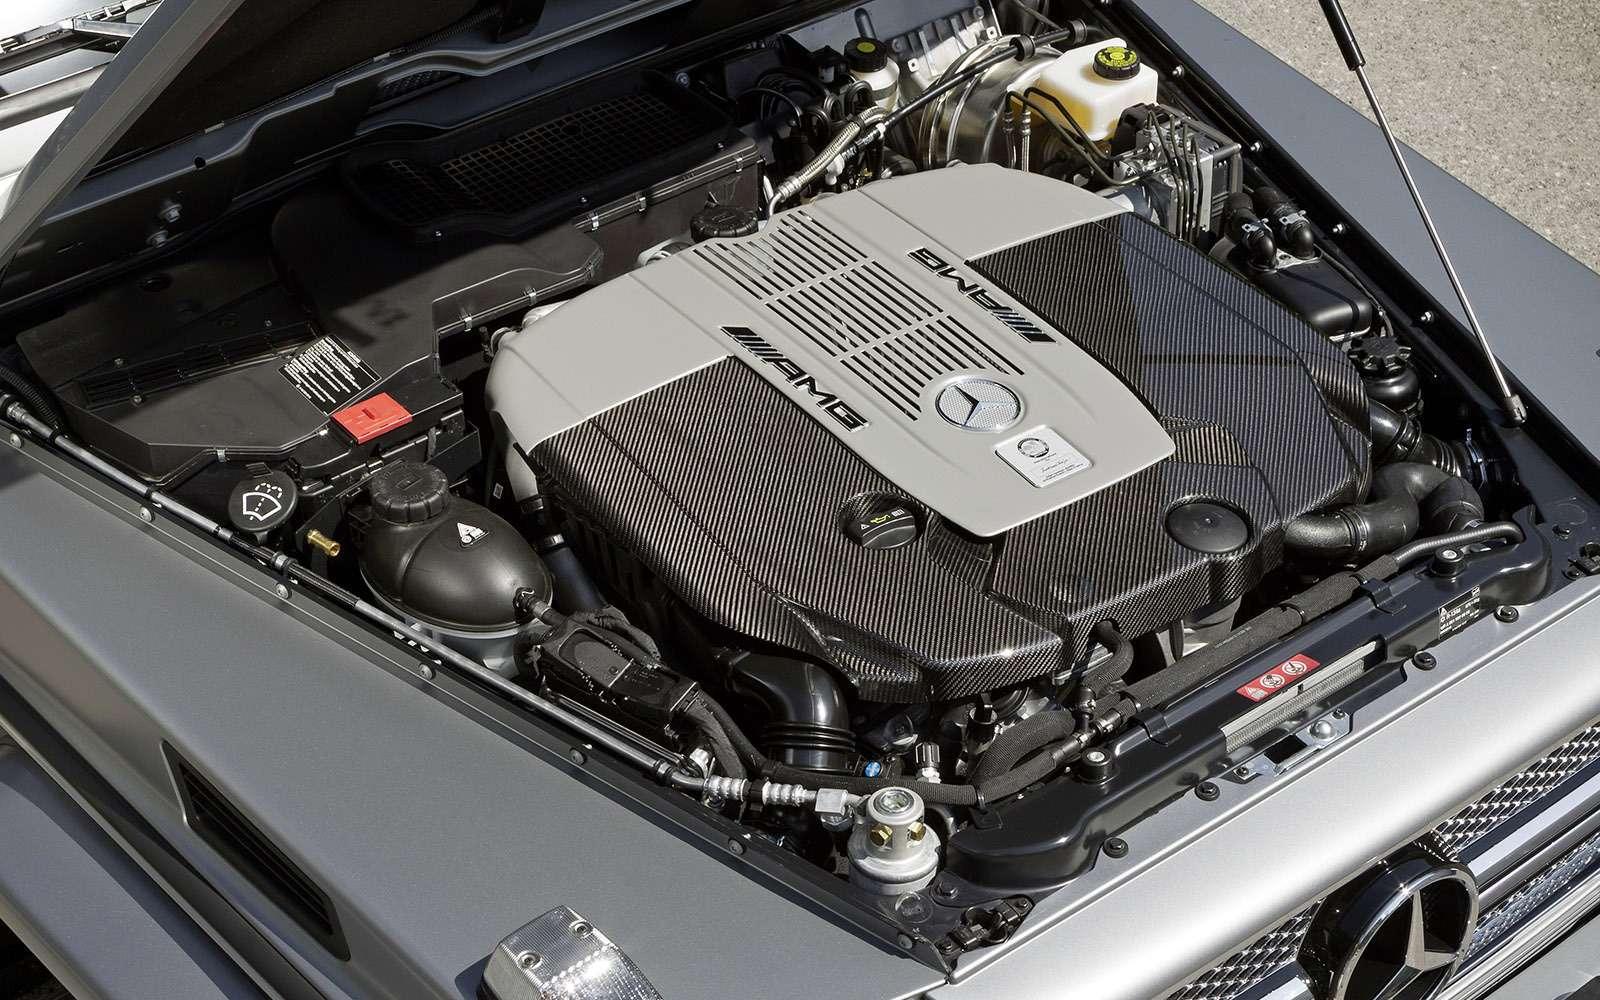 12-цилиндровый двигатель